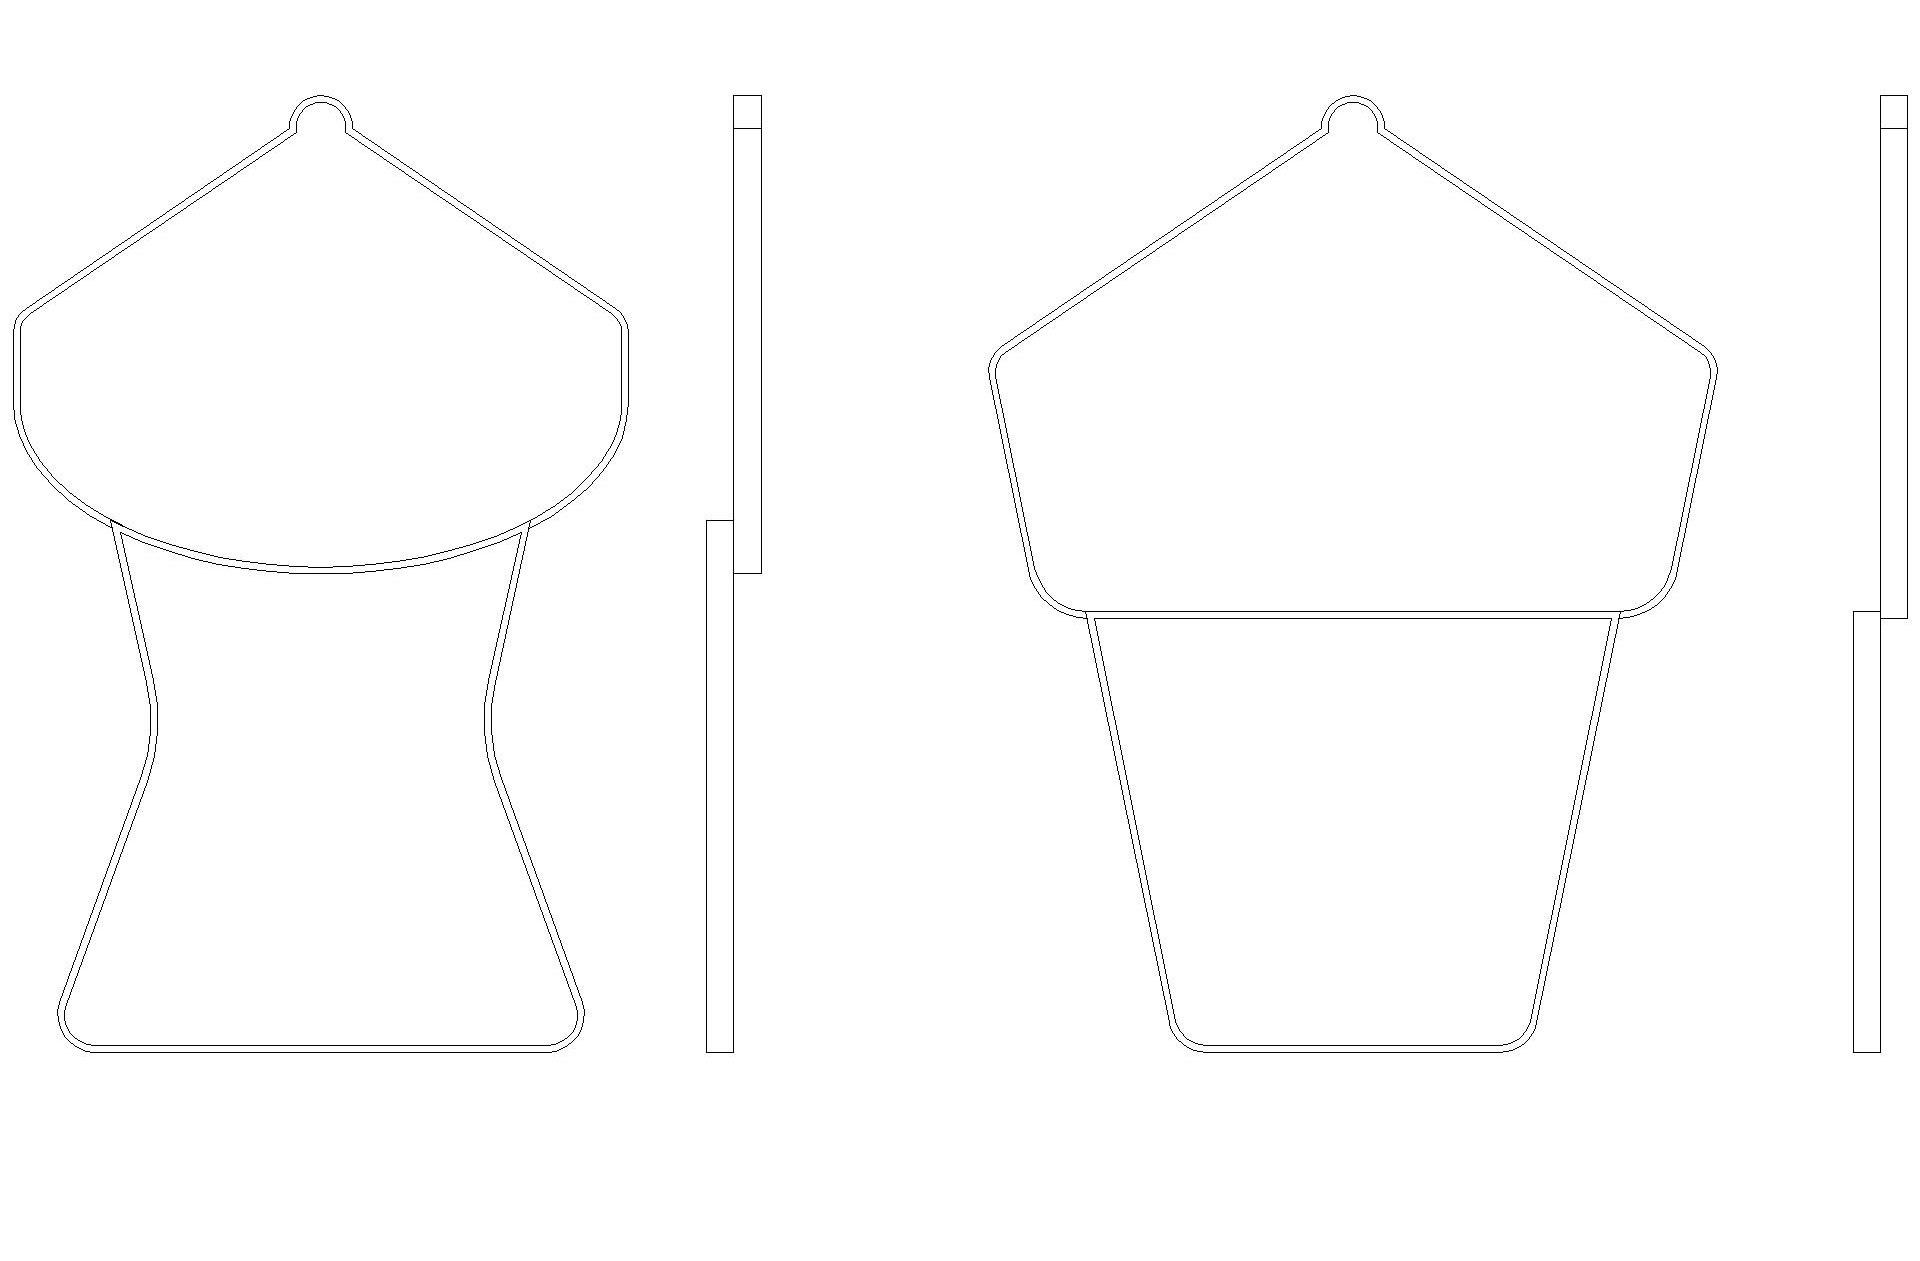 da*mmy. disegno tecnico.